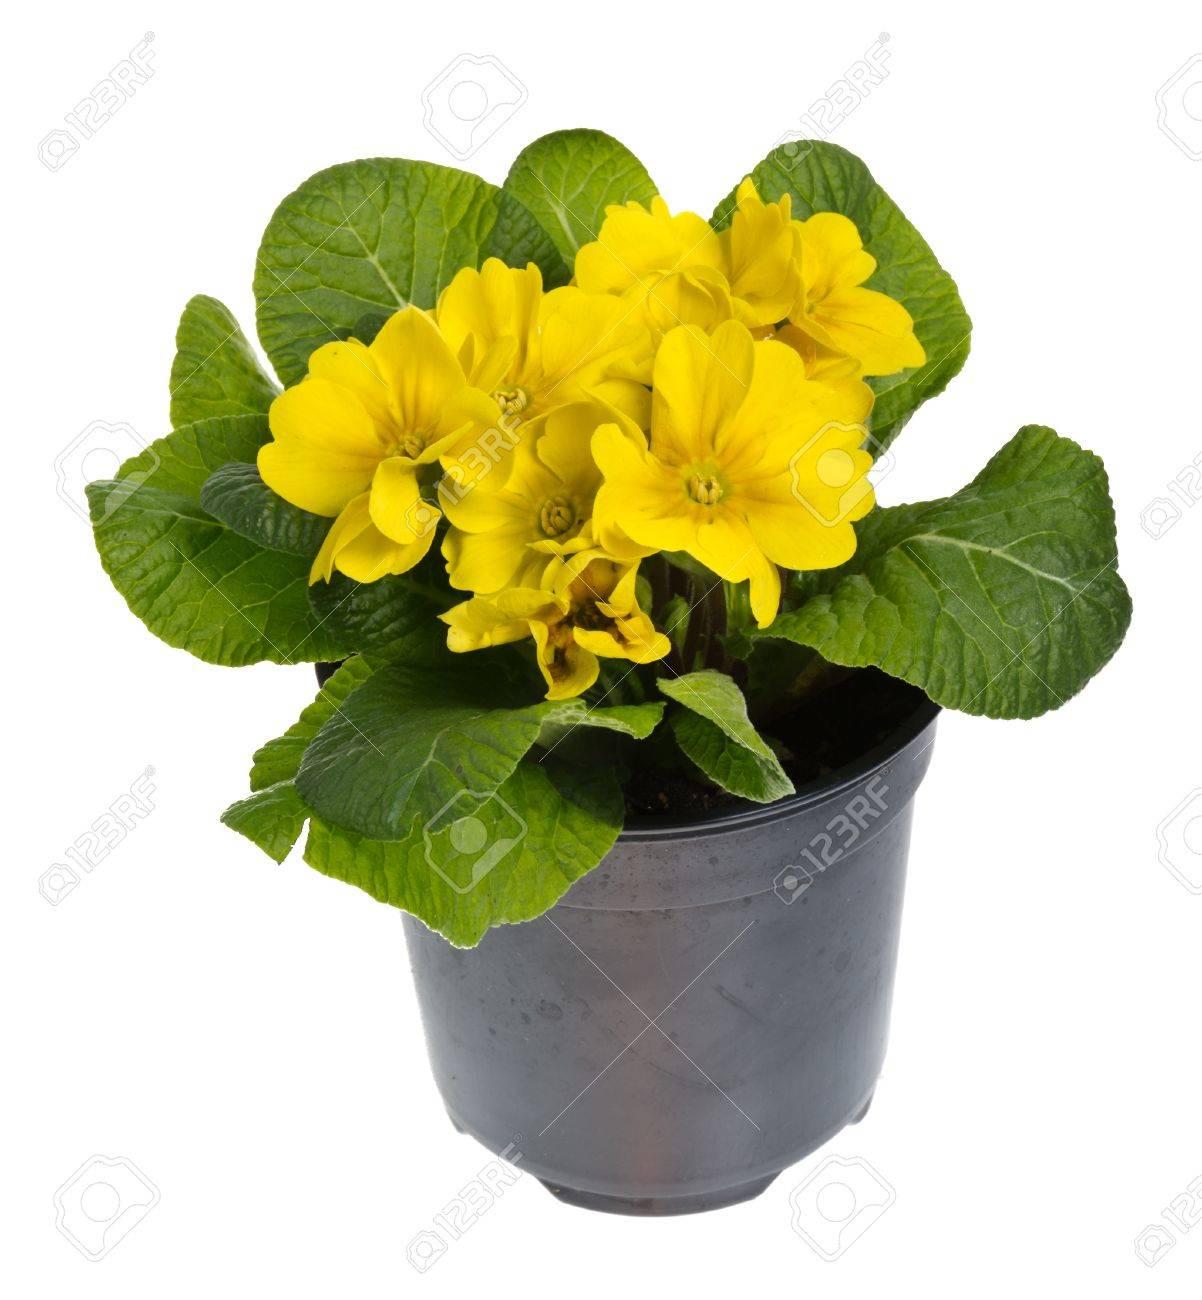 Bluhende Topfpflanzen Gelbe Primel Isoliert Auf Weiss Lizenzfreie